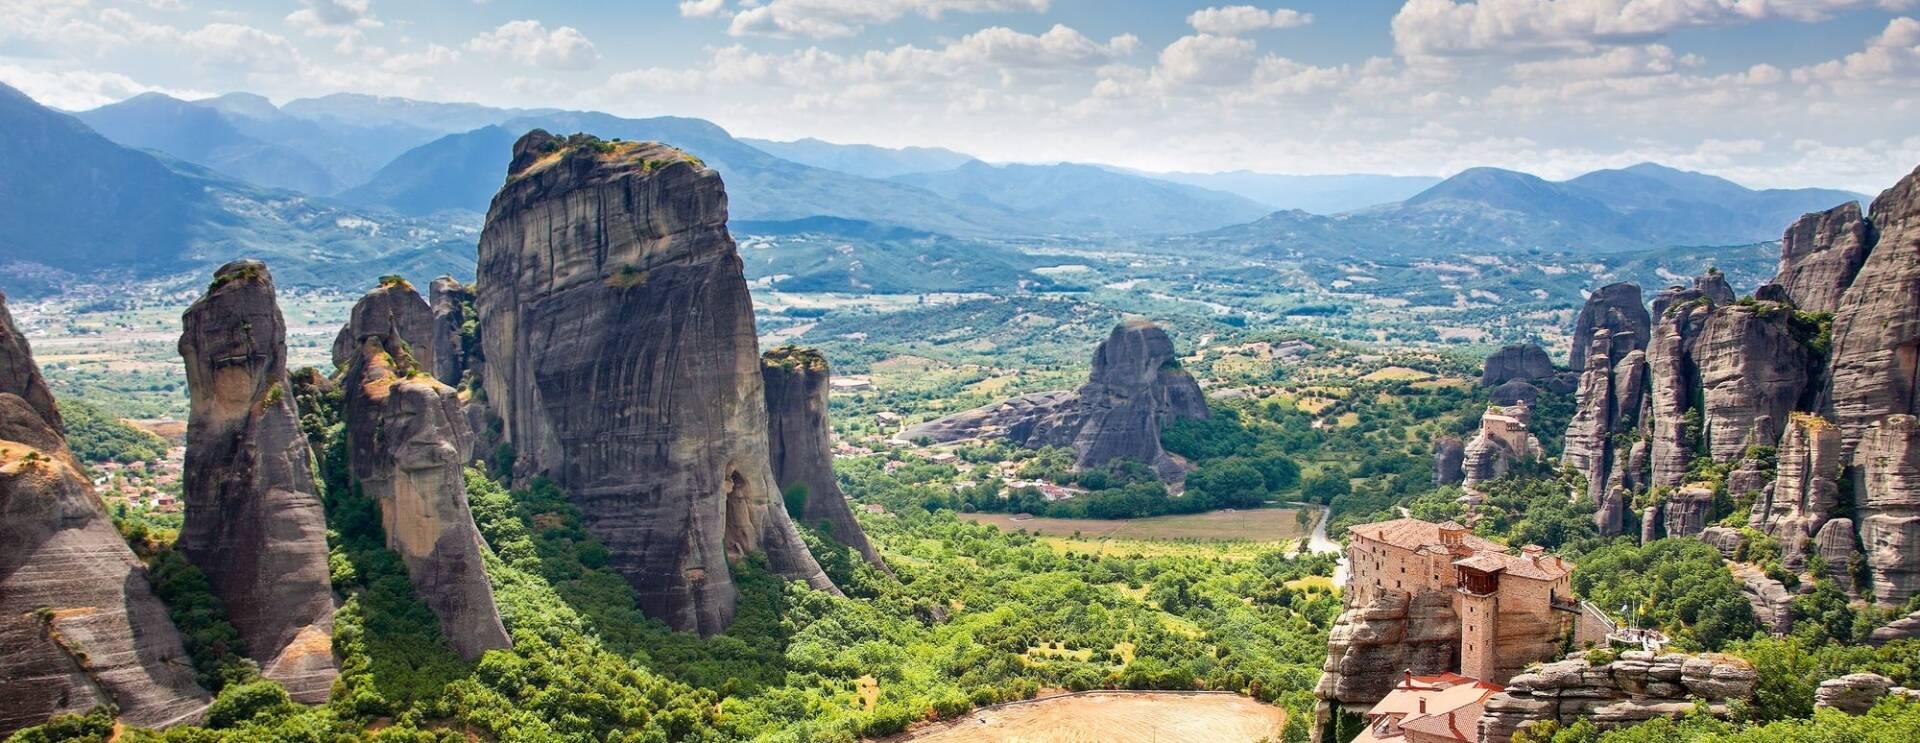 Fly & Drive Griekenland: Thessaloniki, Noord Griekenland en Meteora - Griekenland - 1